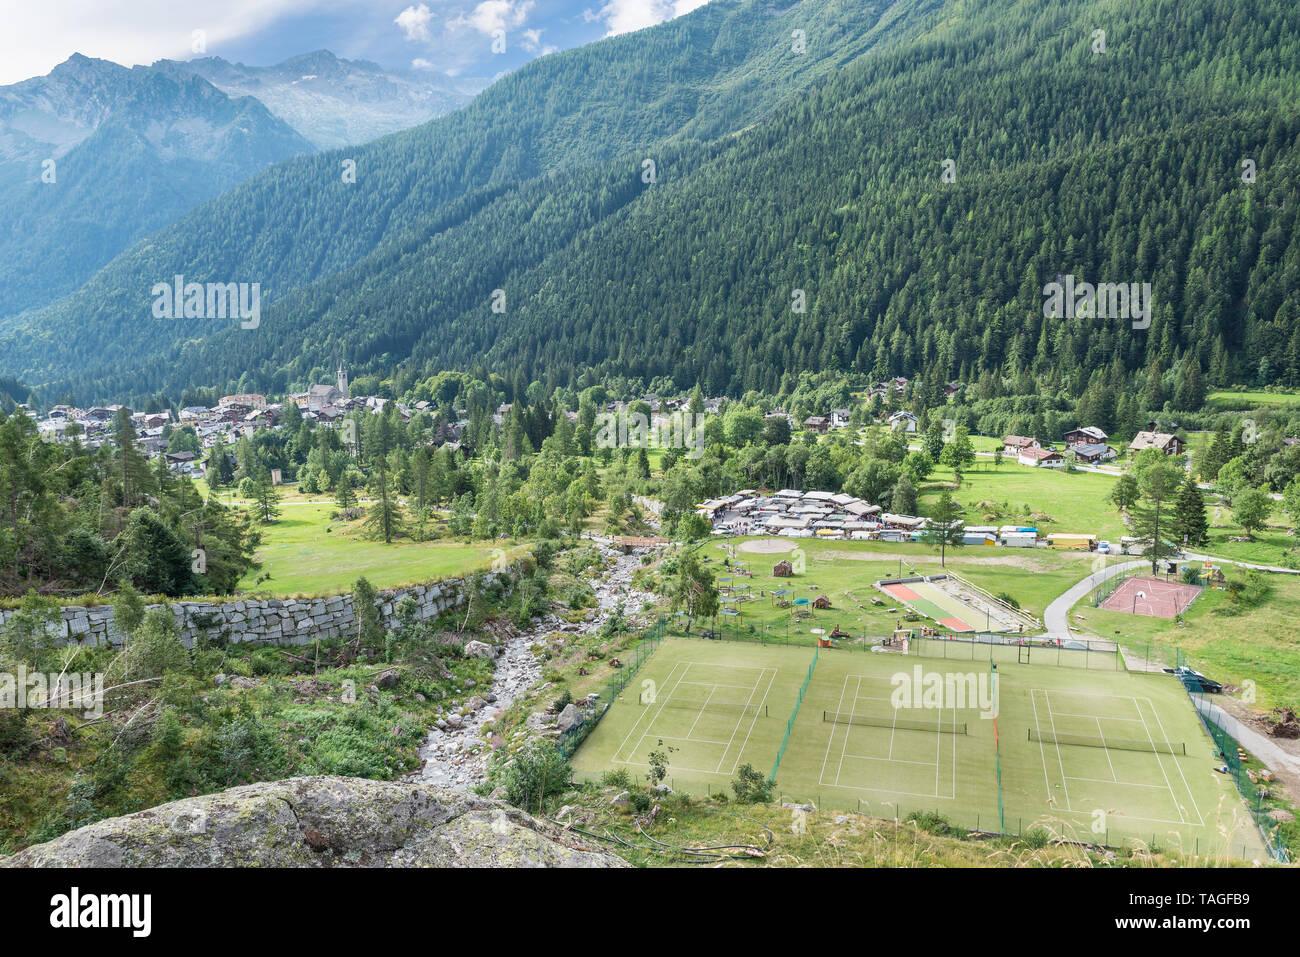 Macugnaga, Italia. Pueblo alpino con algunas instalaciones recreativas Imagen De Stock